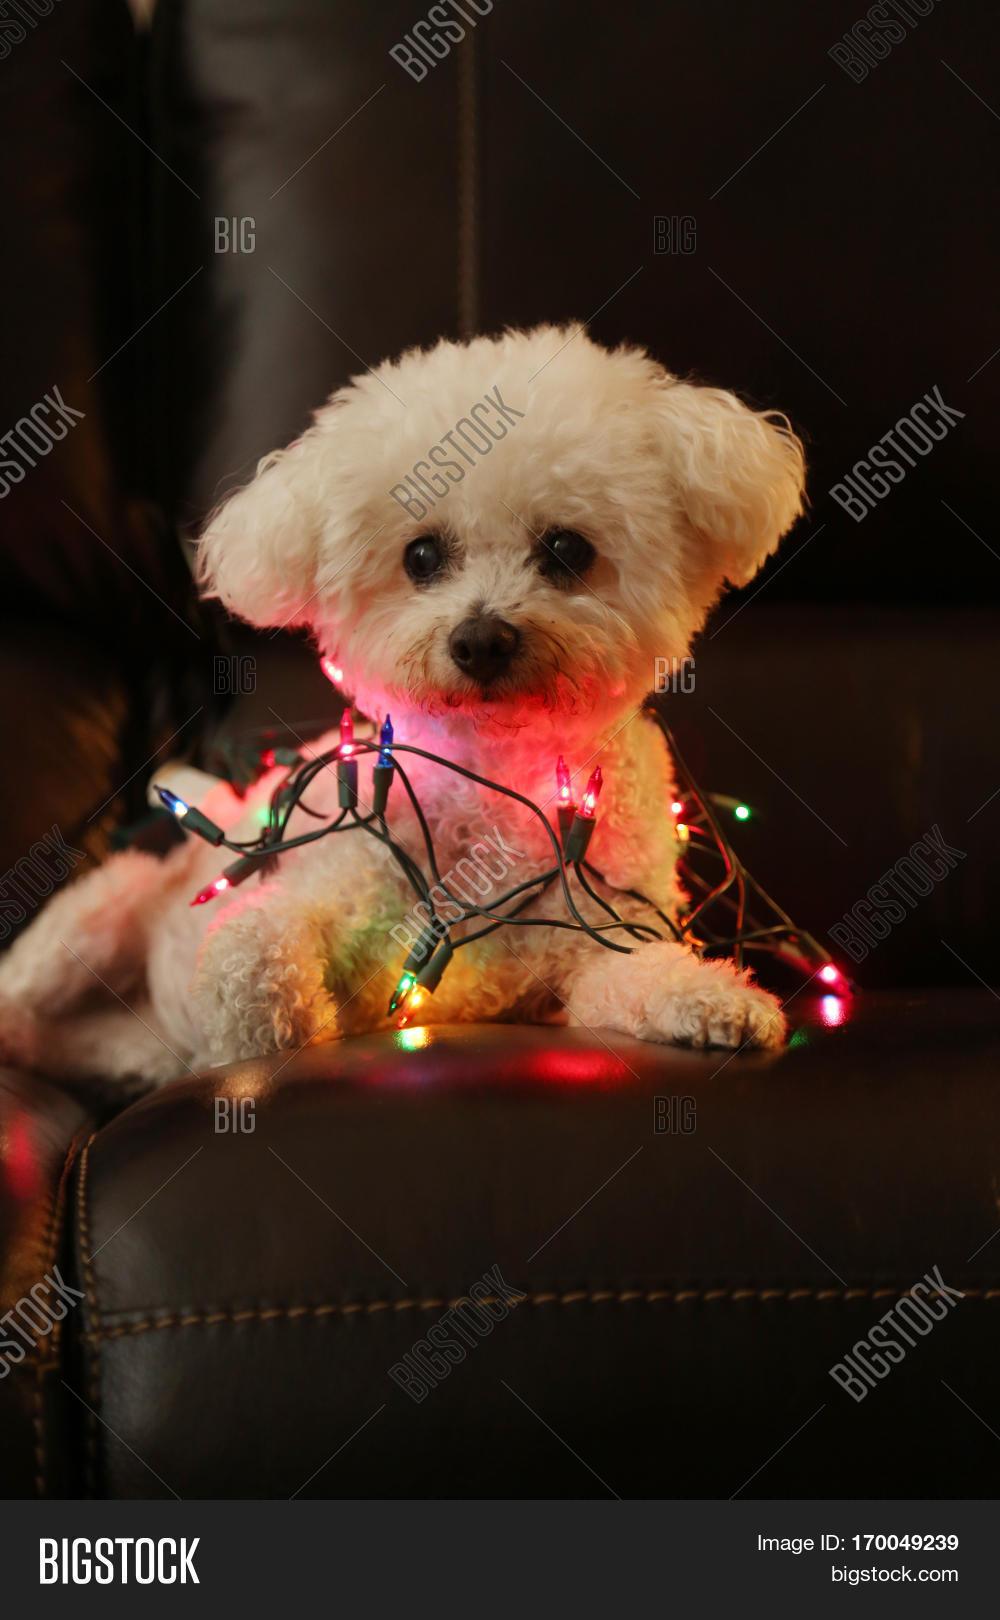 dog with christmas lights bichon frise dog with colorful mini christmas lights focus on